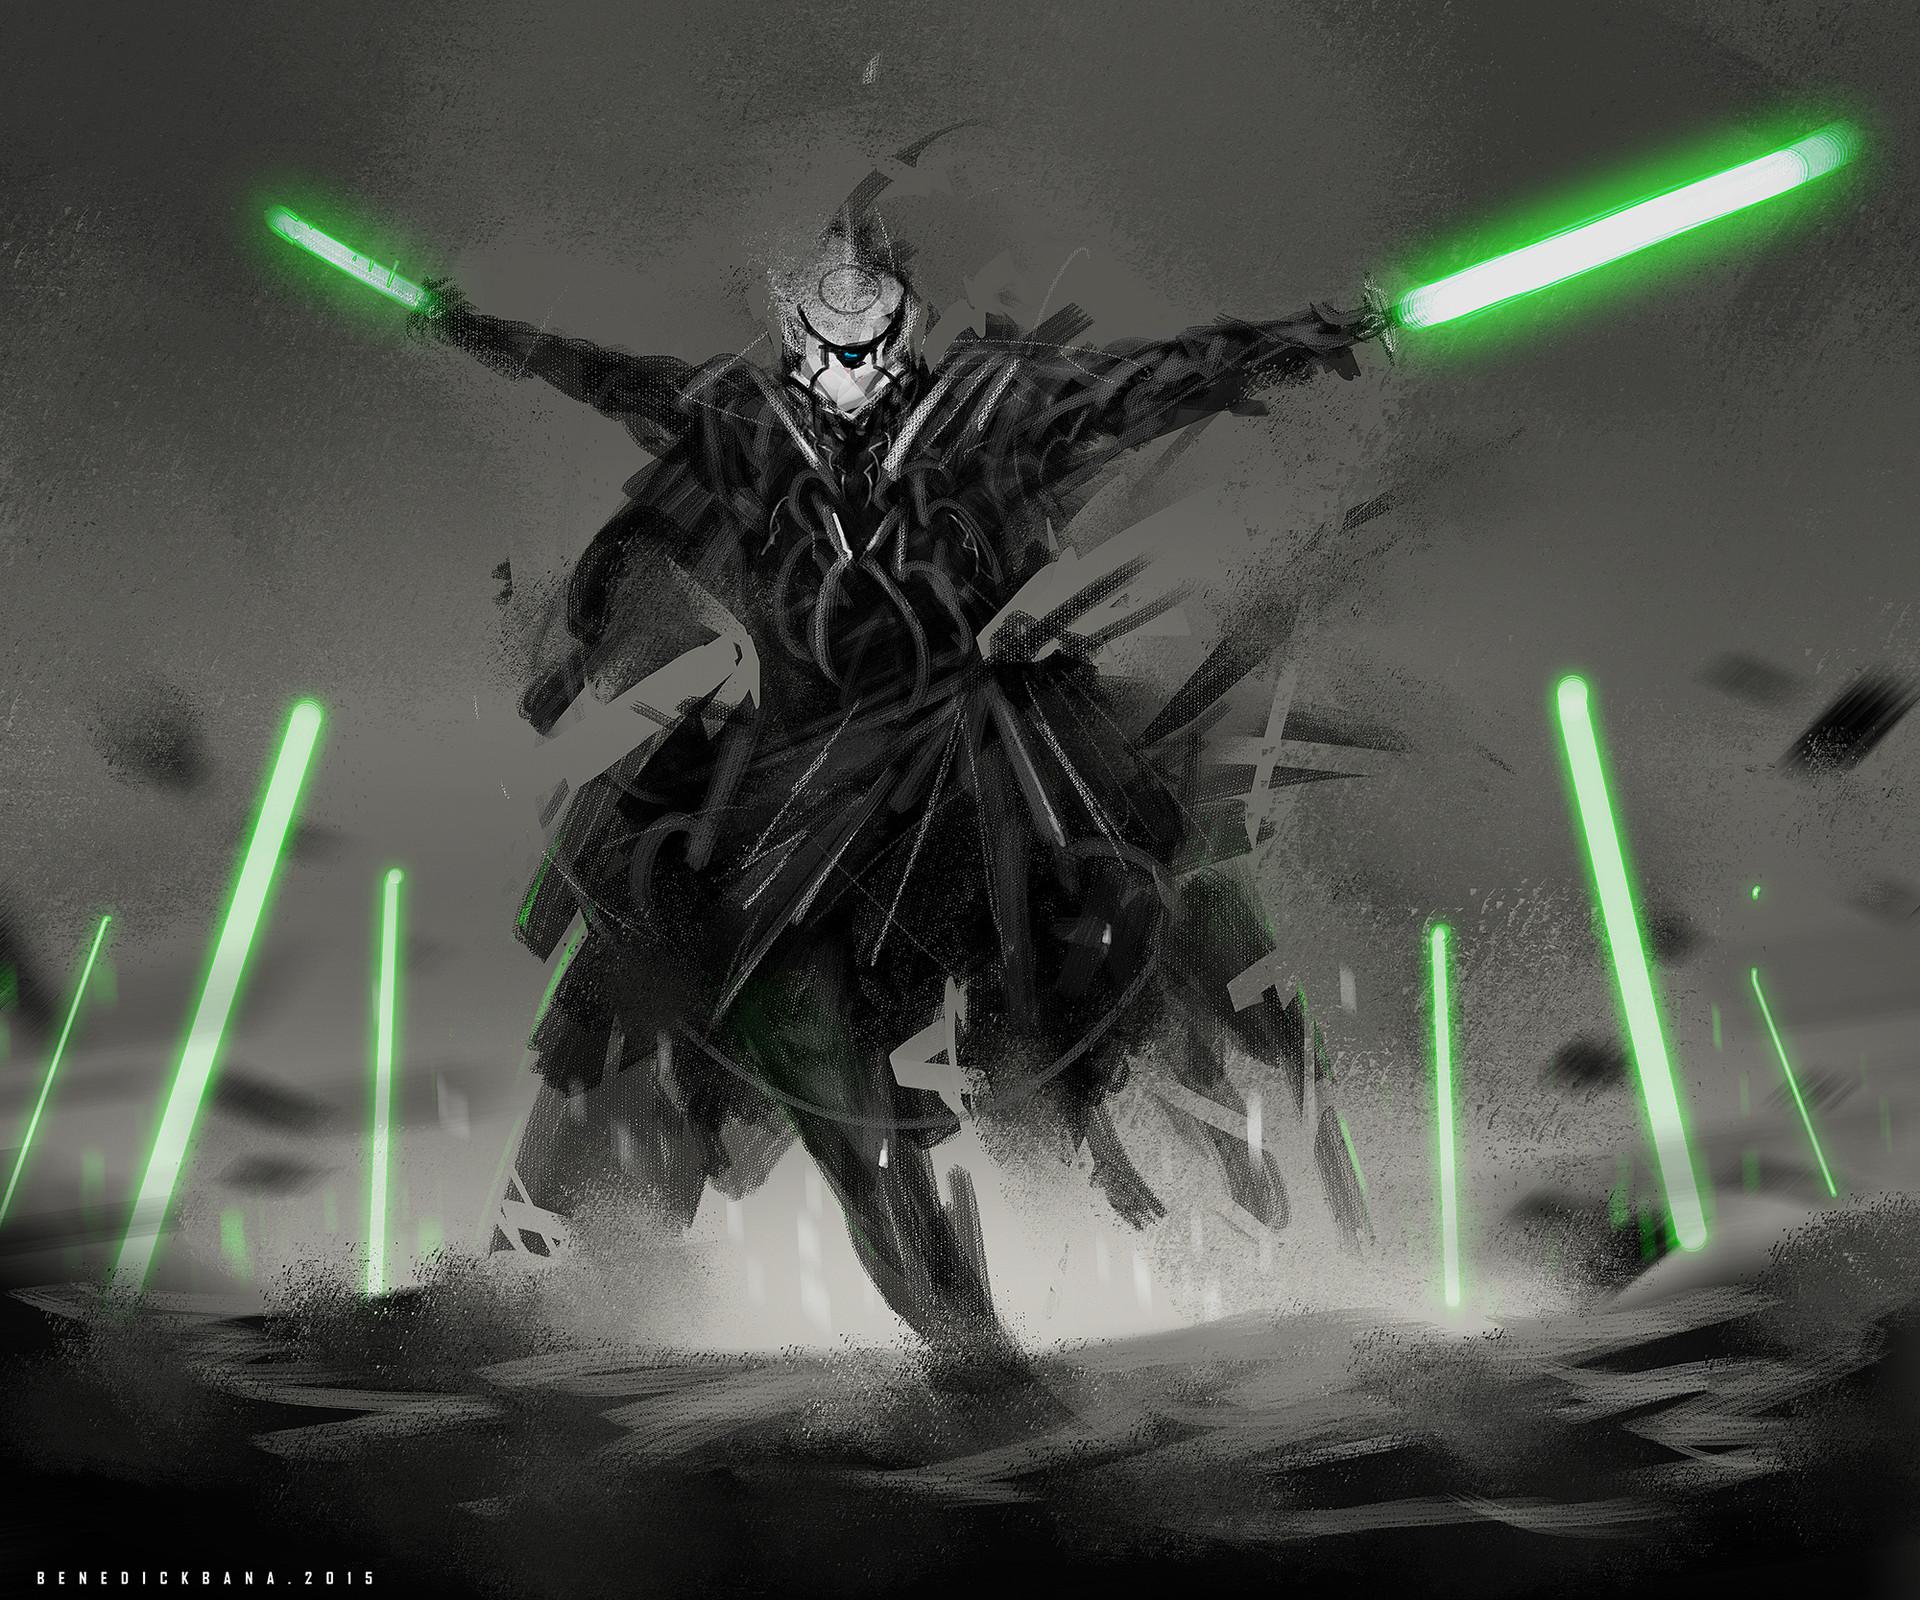 Benedick bana speedpaint swordsman final lores